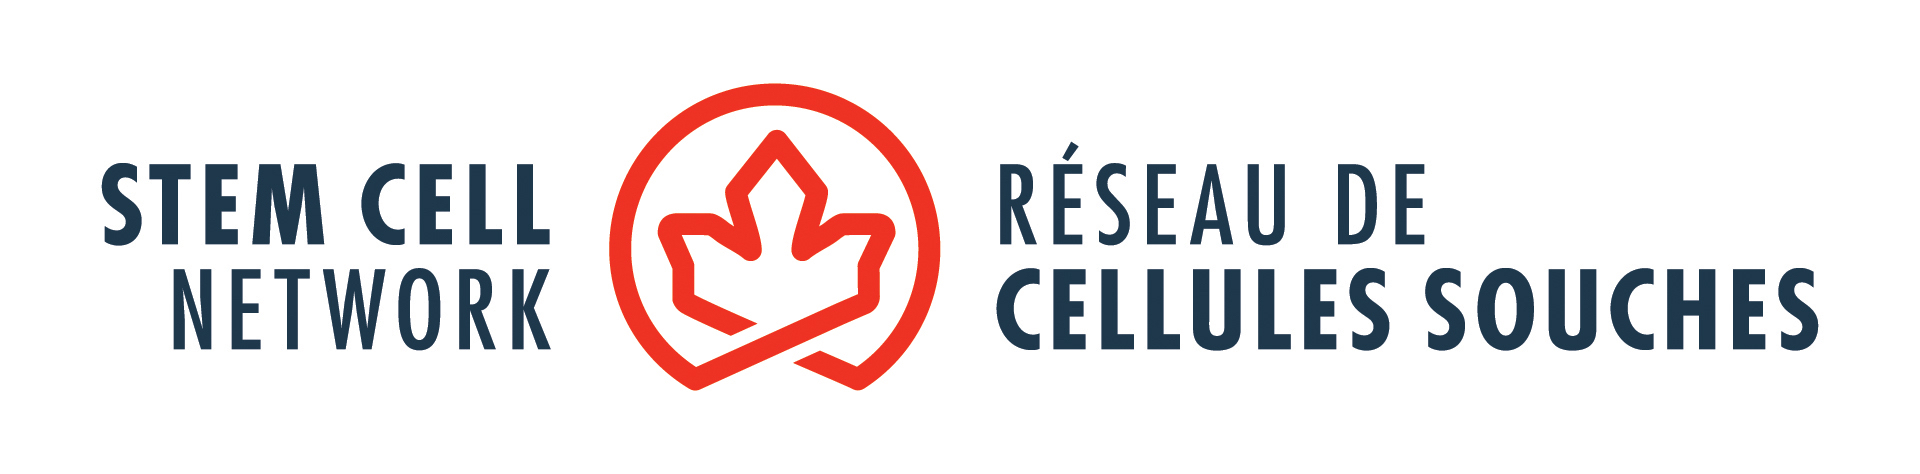 Stem Cell Network logo